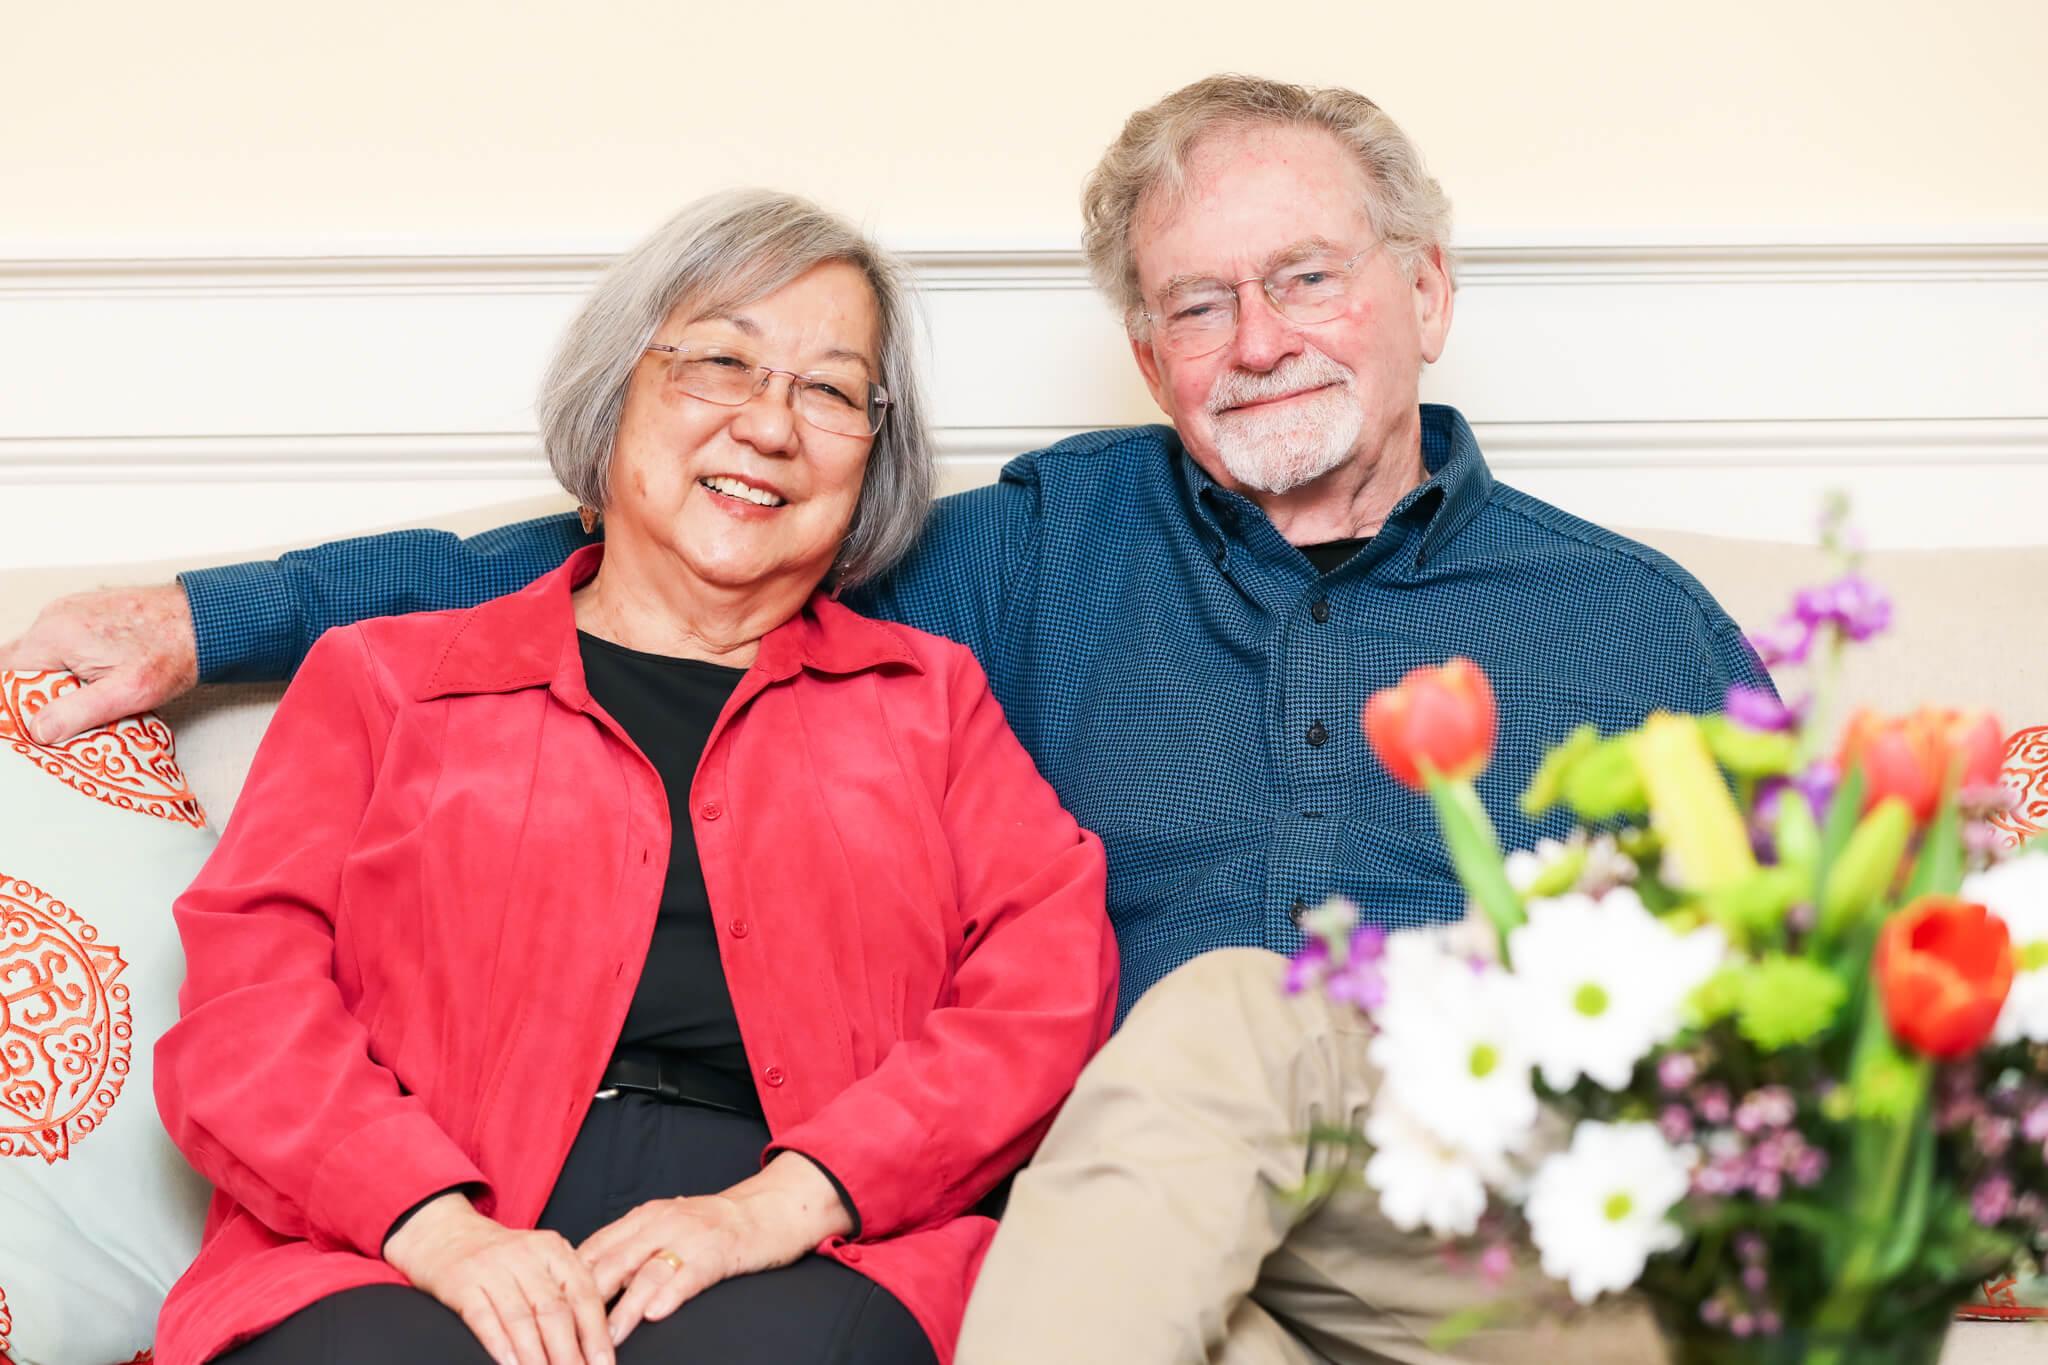 Margie Yamamoto and Mark Hopkins